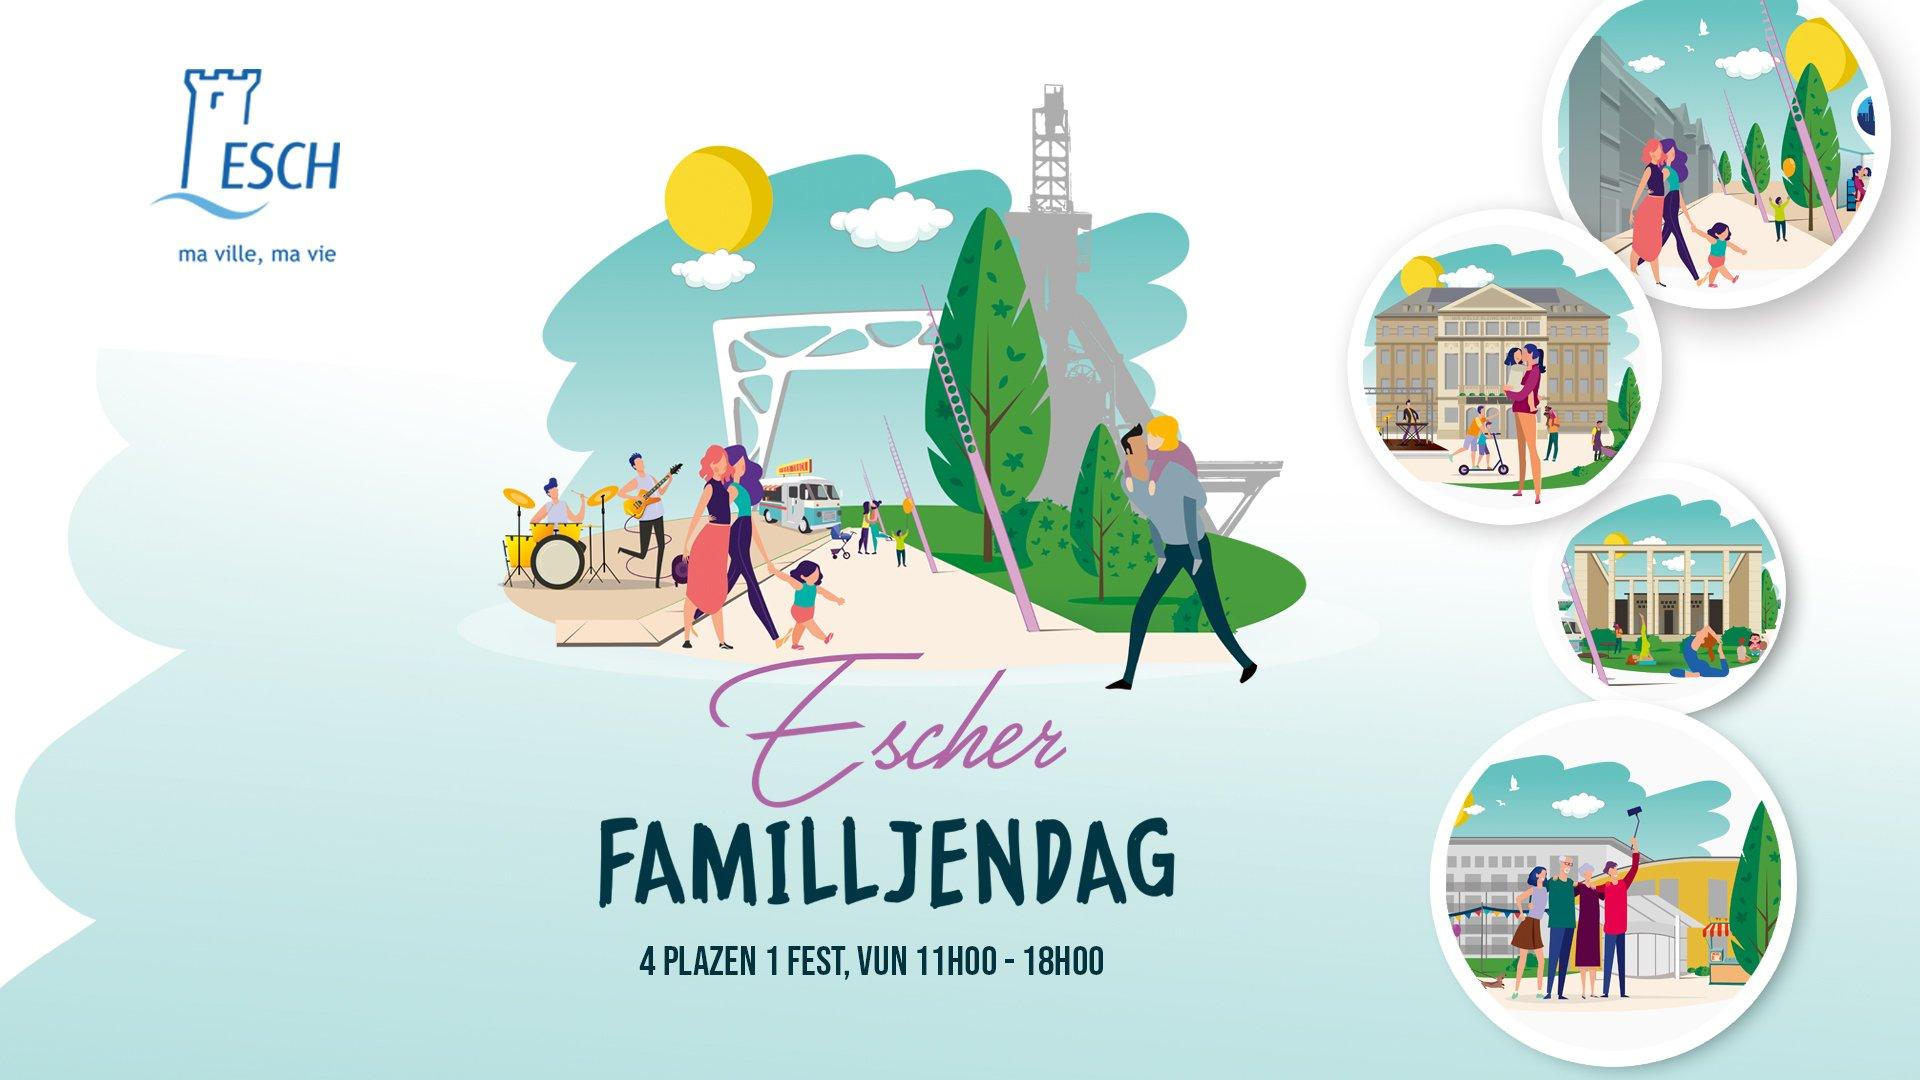 Escher Familljendag Teaser - 26.09.2020